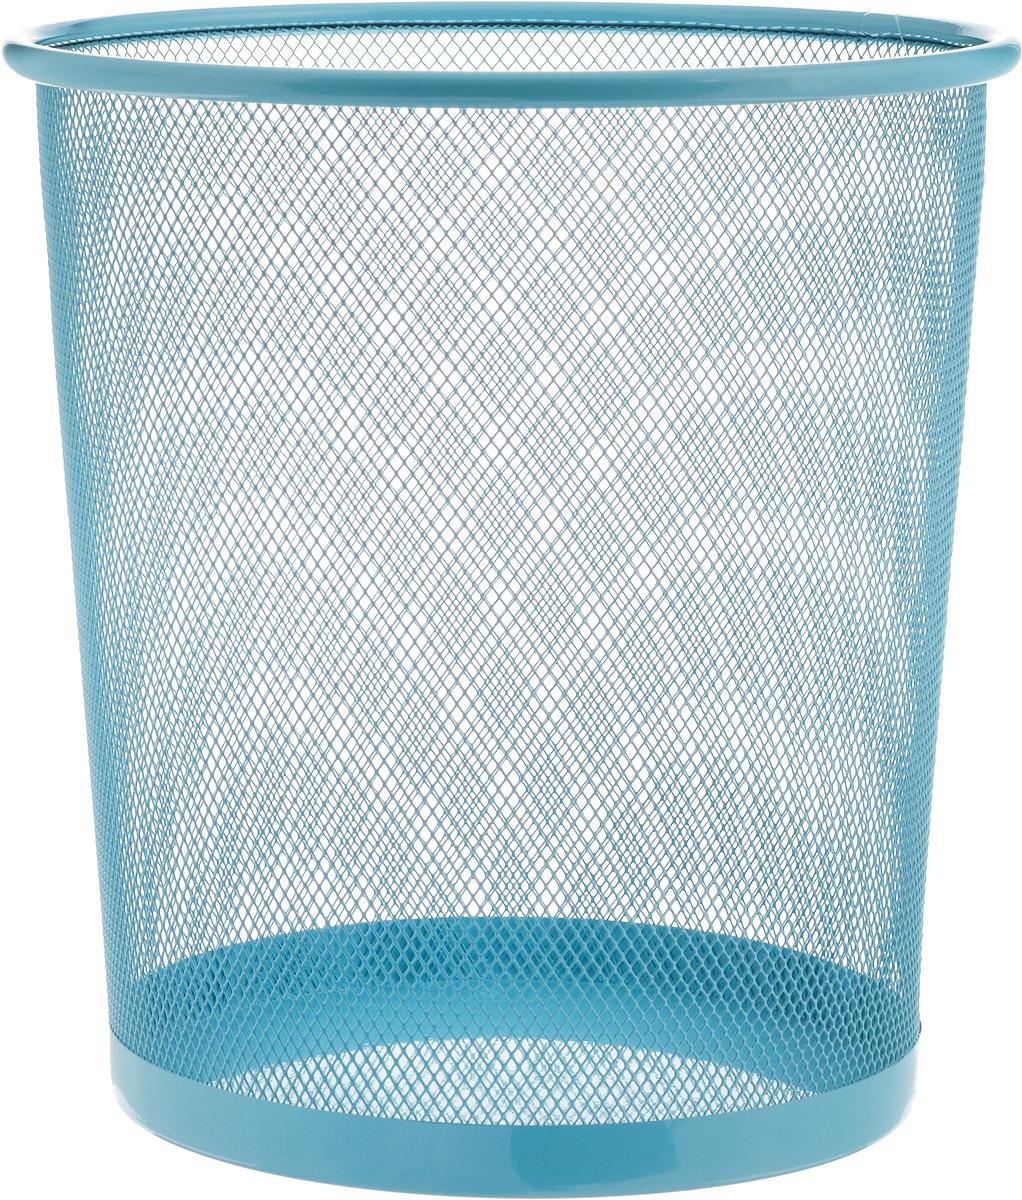 Корзина для мусора Zeller, цвет: голубой, 26 х 26 х 27,8 см17734_голубойОригинальная корзина для мусора Zeller изготовлена из высококачественного металла. Такое изделие идеально подходит для использования как дома, так и в офисе. Корзина имеет сплошное дно, а стенки изделия оформлены перфорацией в виде сетки. Стильный дизайн и яркая расцветка прекрасно подойдет для любого интерьера. Диаметр (по верхнему краю): 26 см. Высота: 27,8 см.